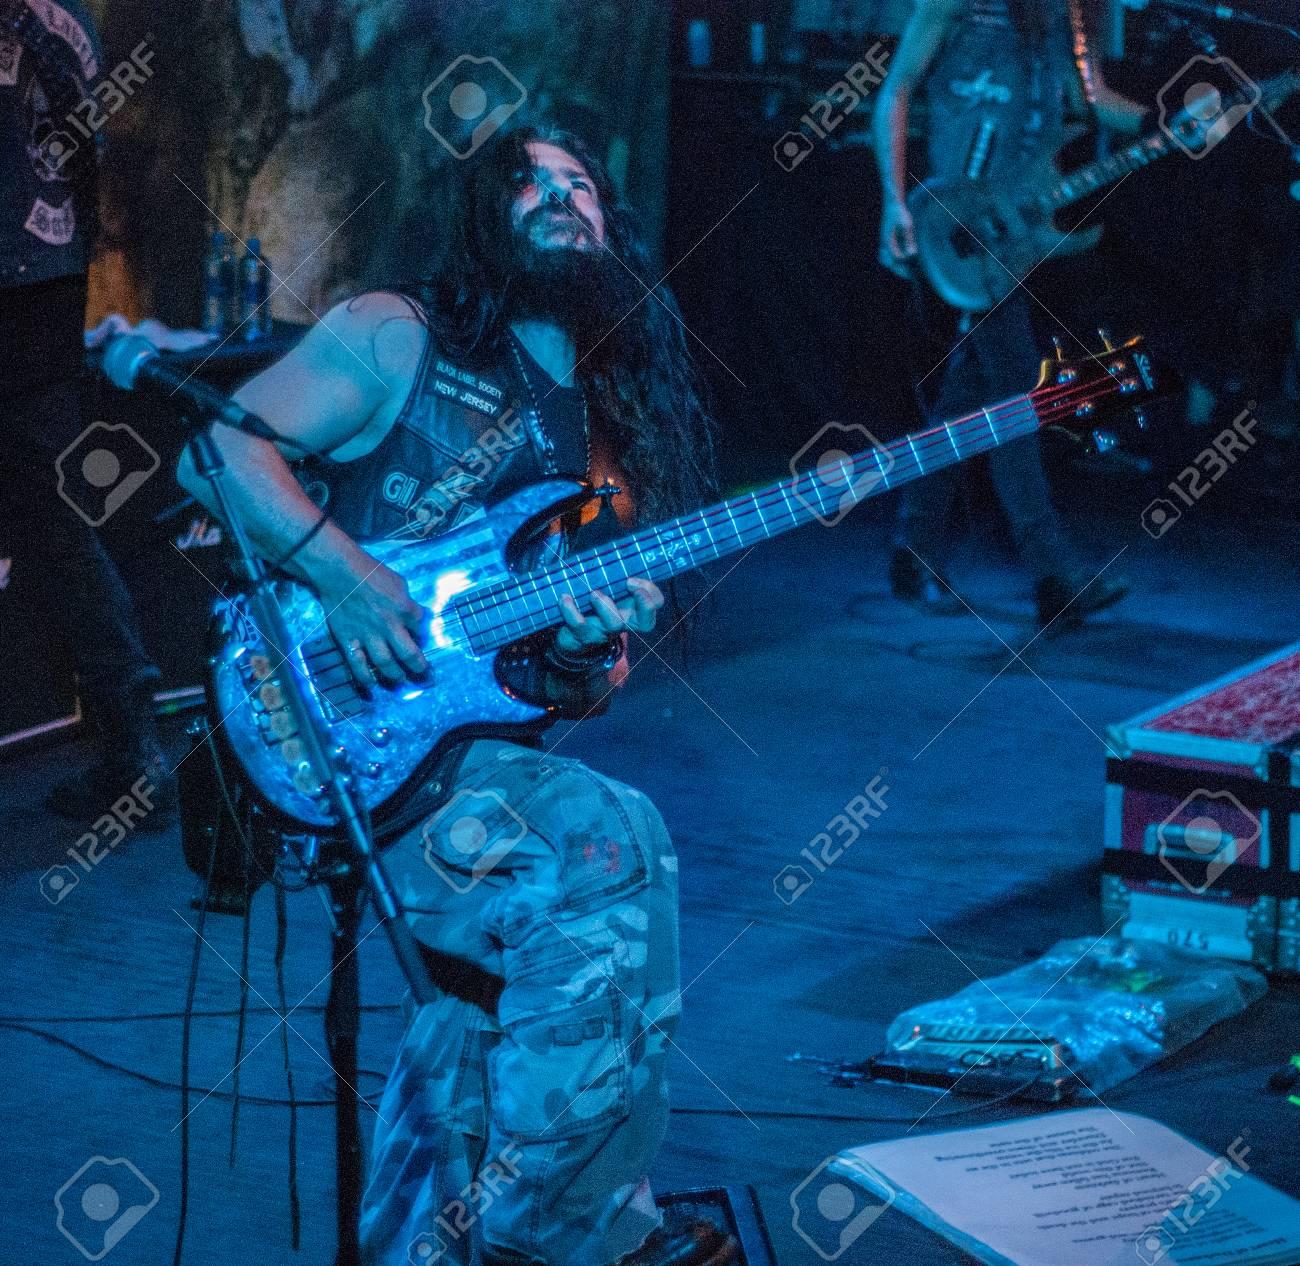 ザック ワイルド ギター